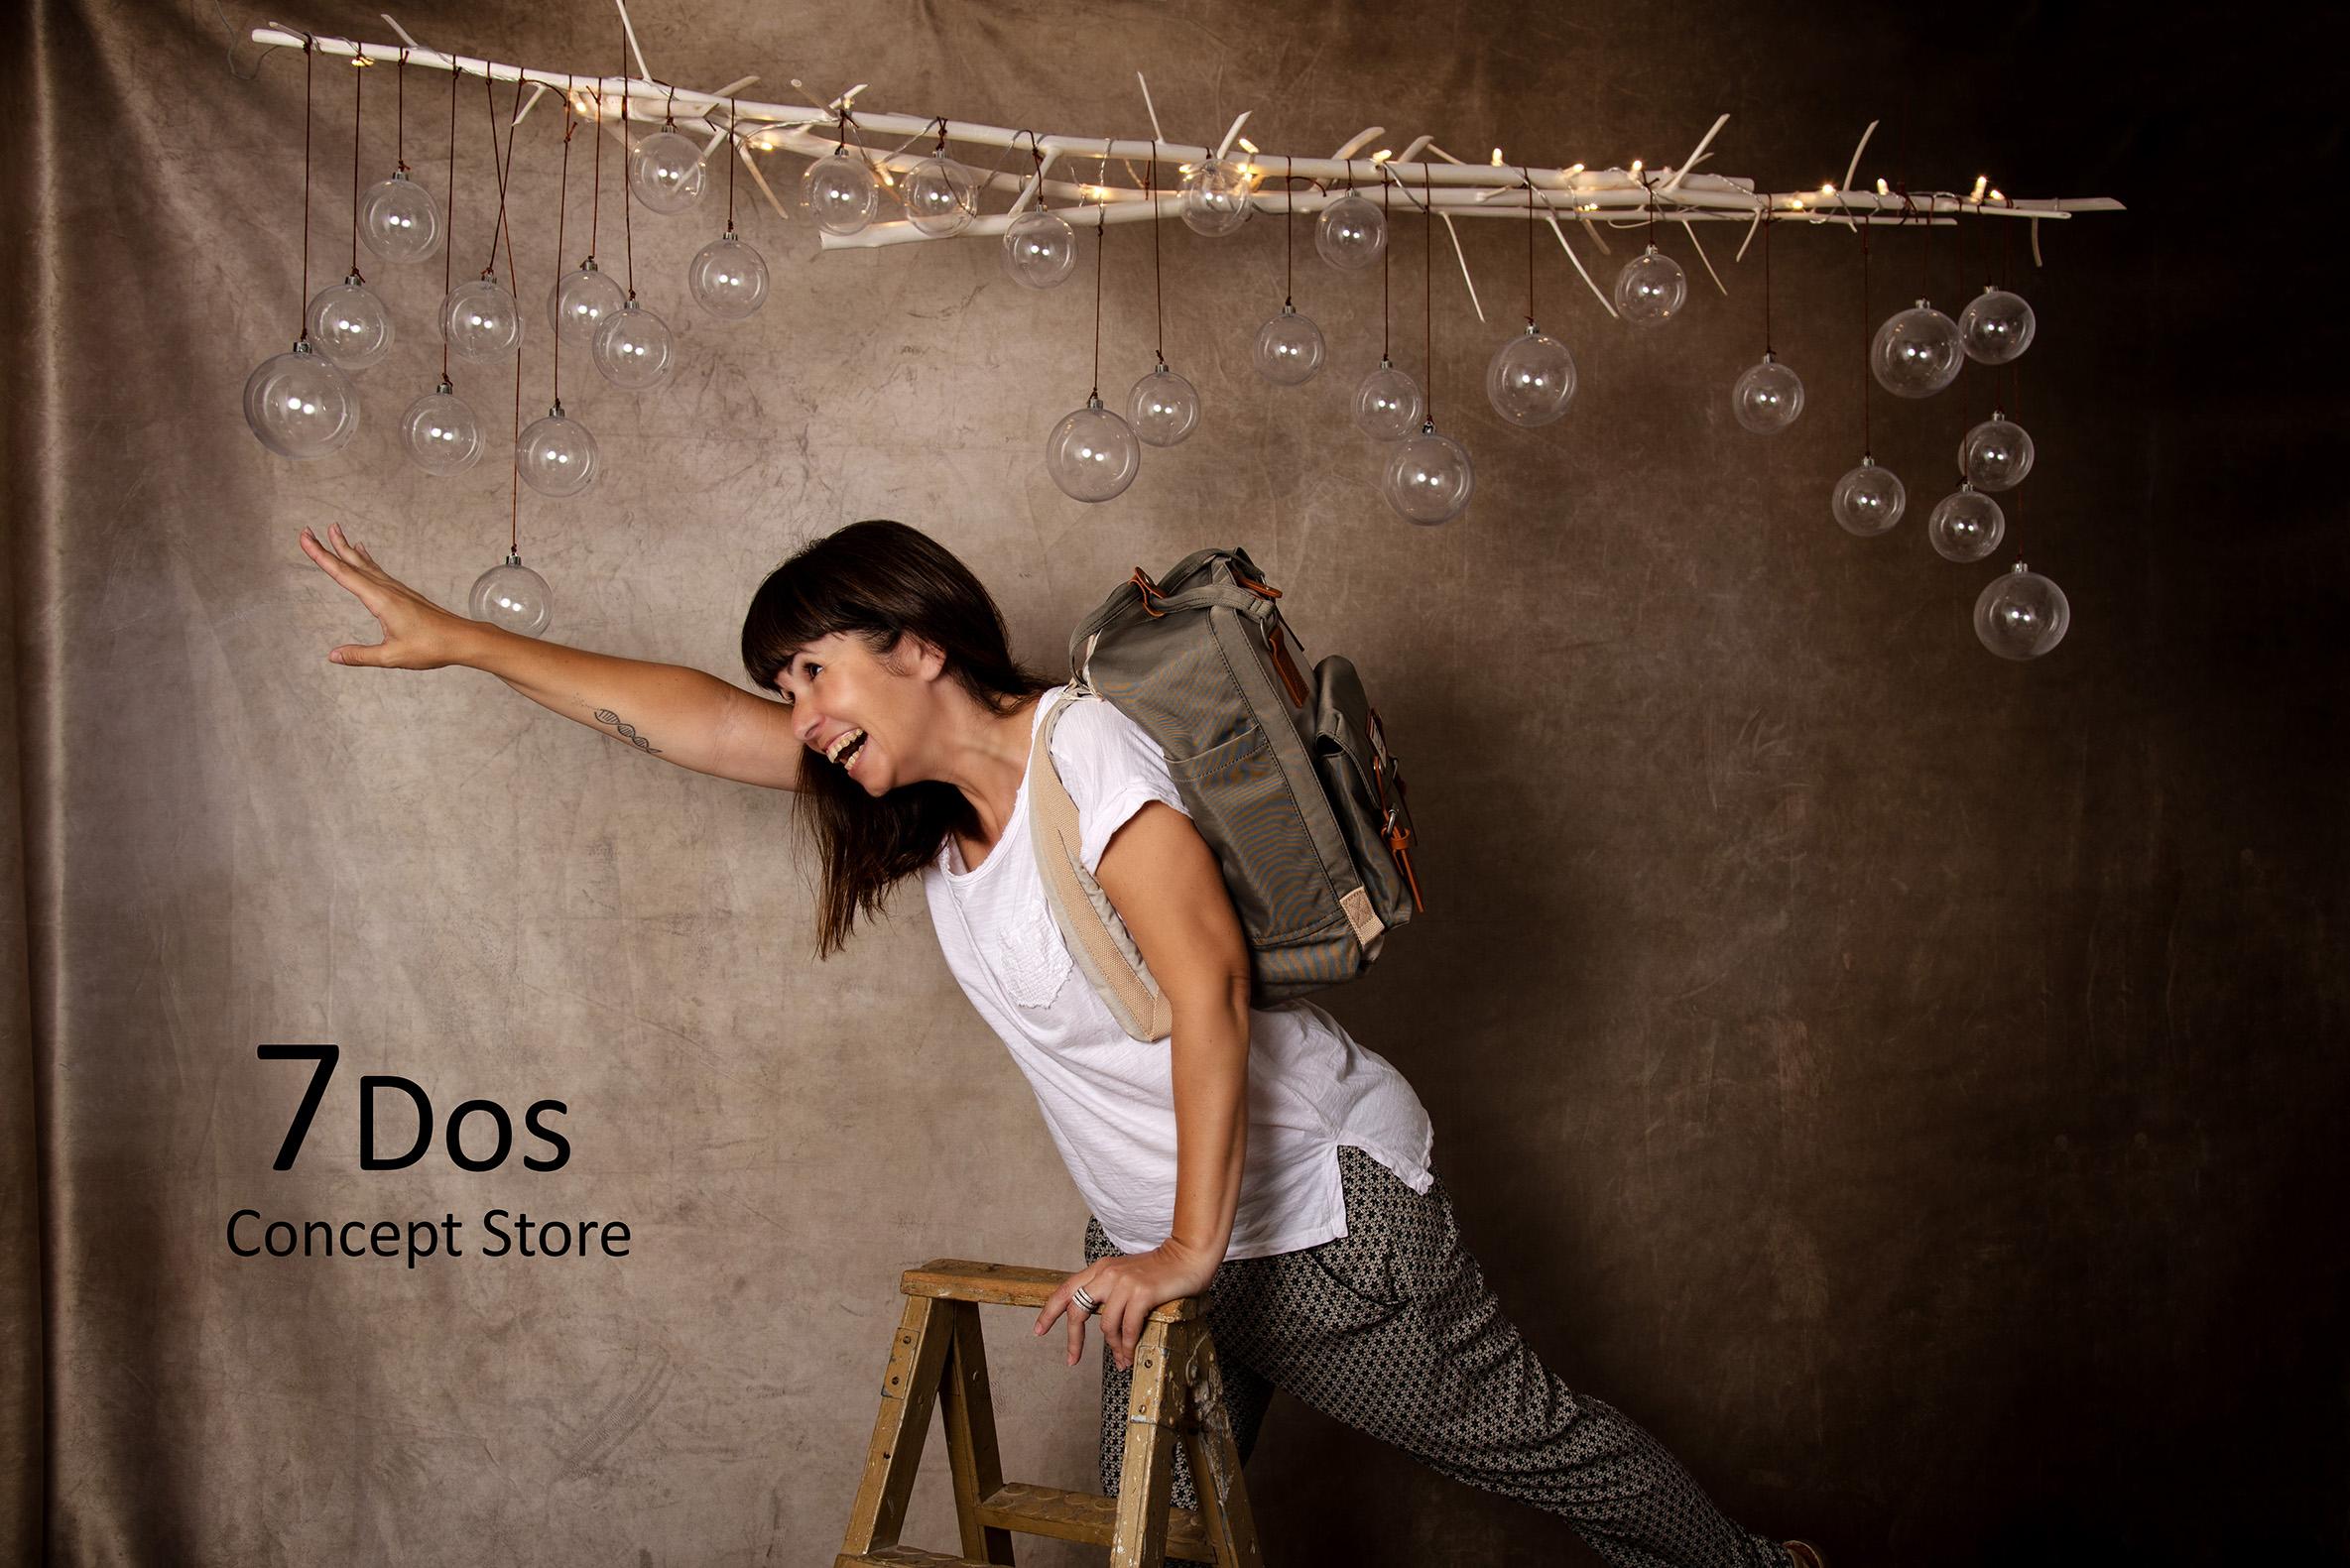 7Dos: Concept Store